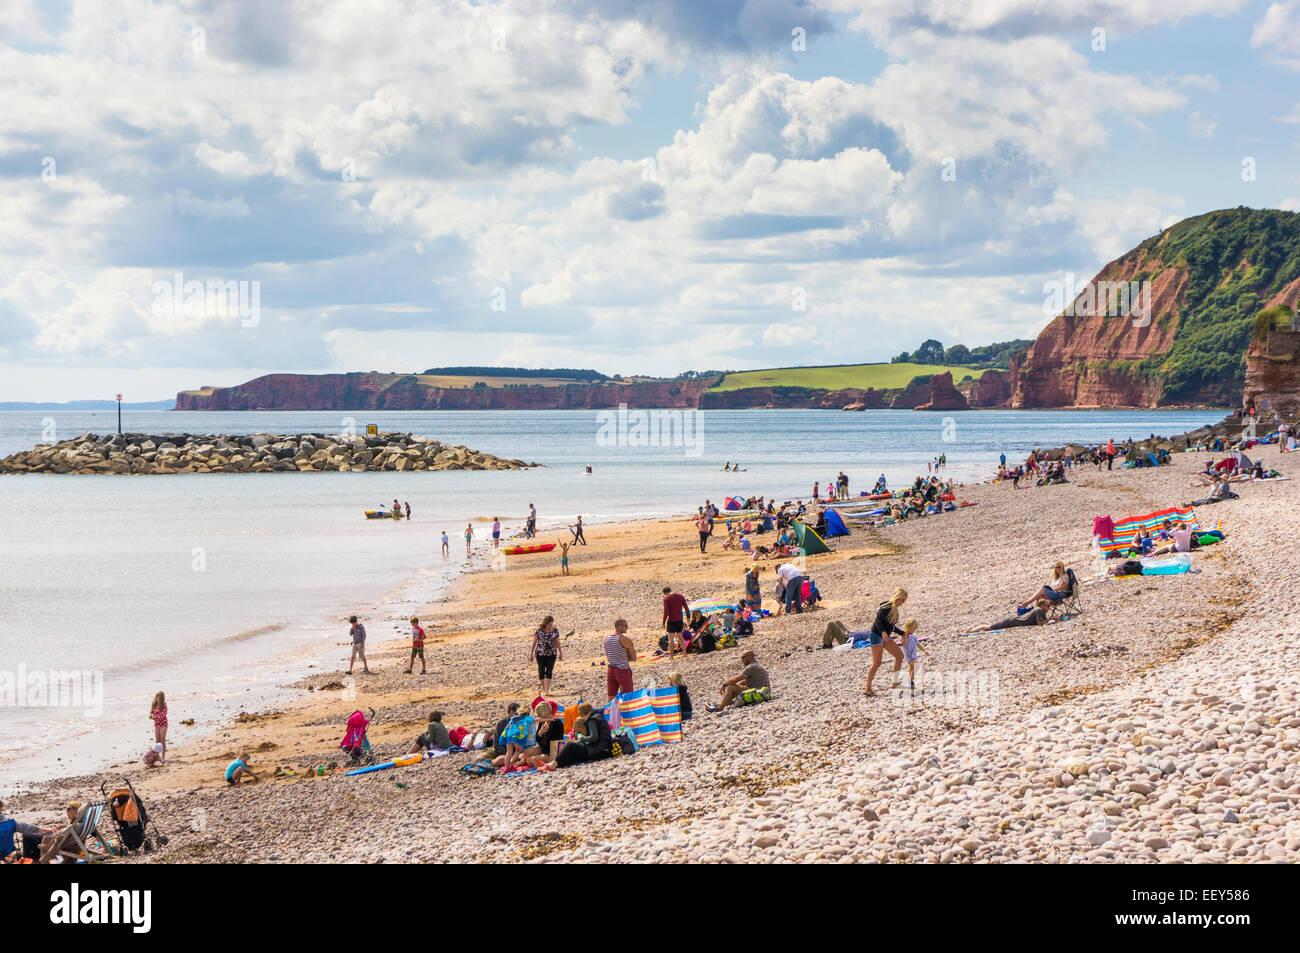 La costa de Devon - Personas y familias tomando el sol en la playa en verano y nadar en la Costa Jurásica, Imagen De Stock